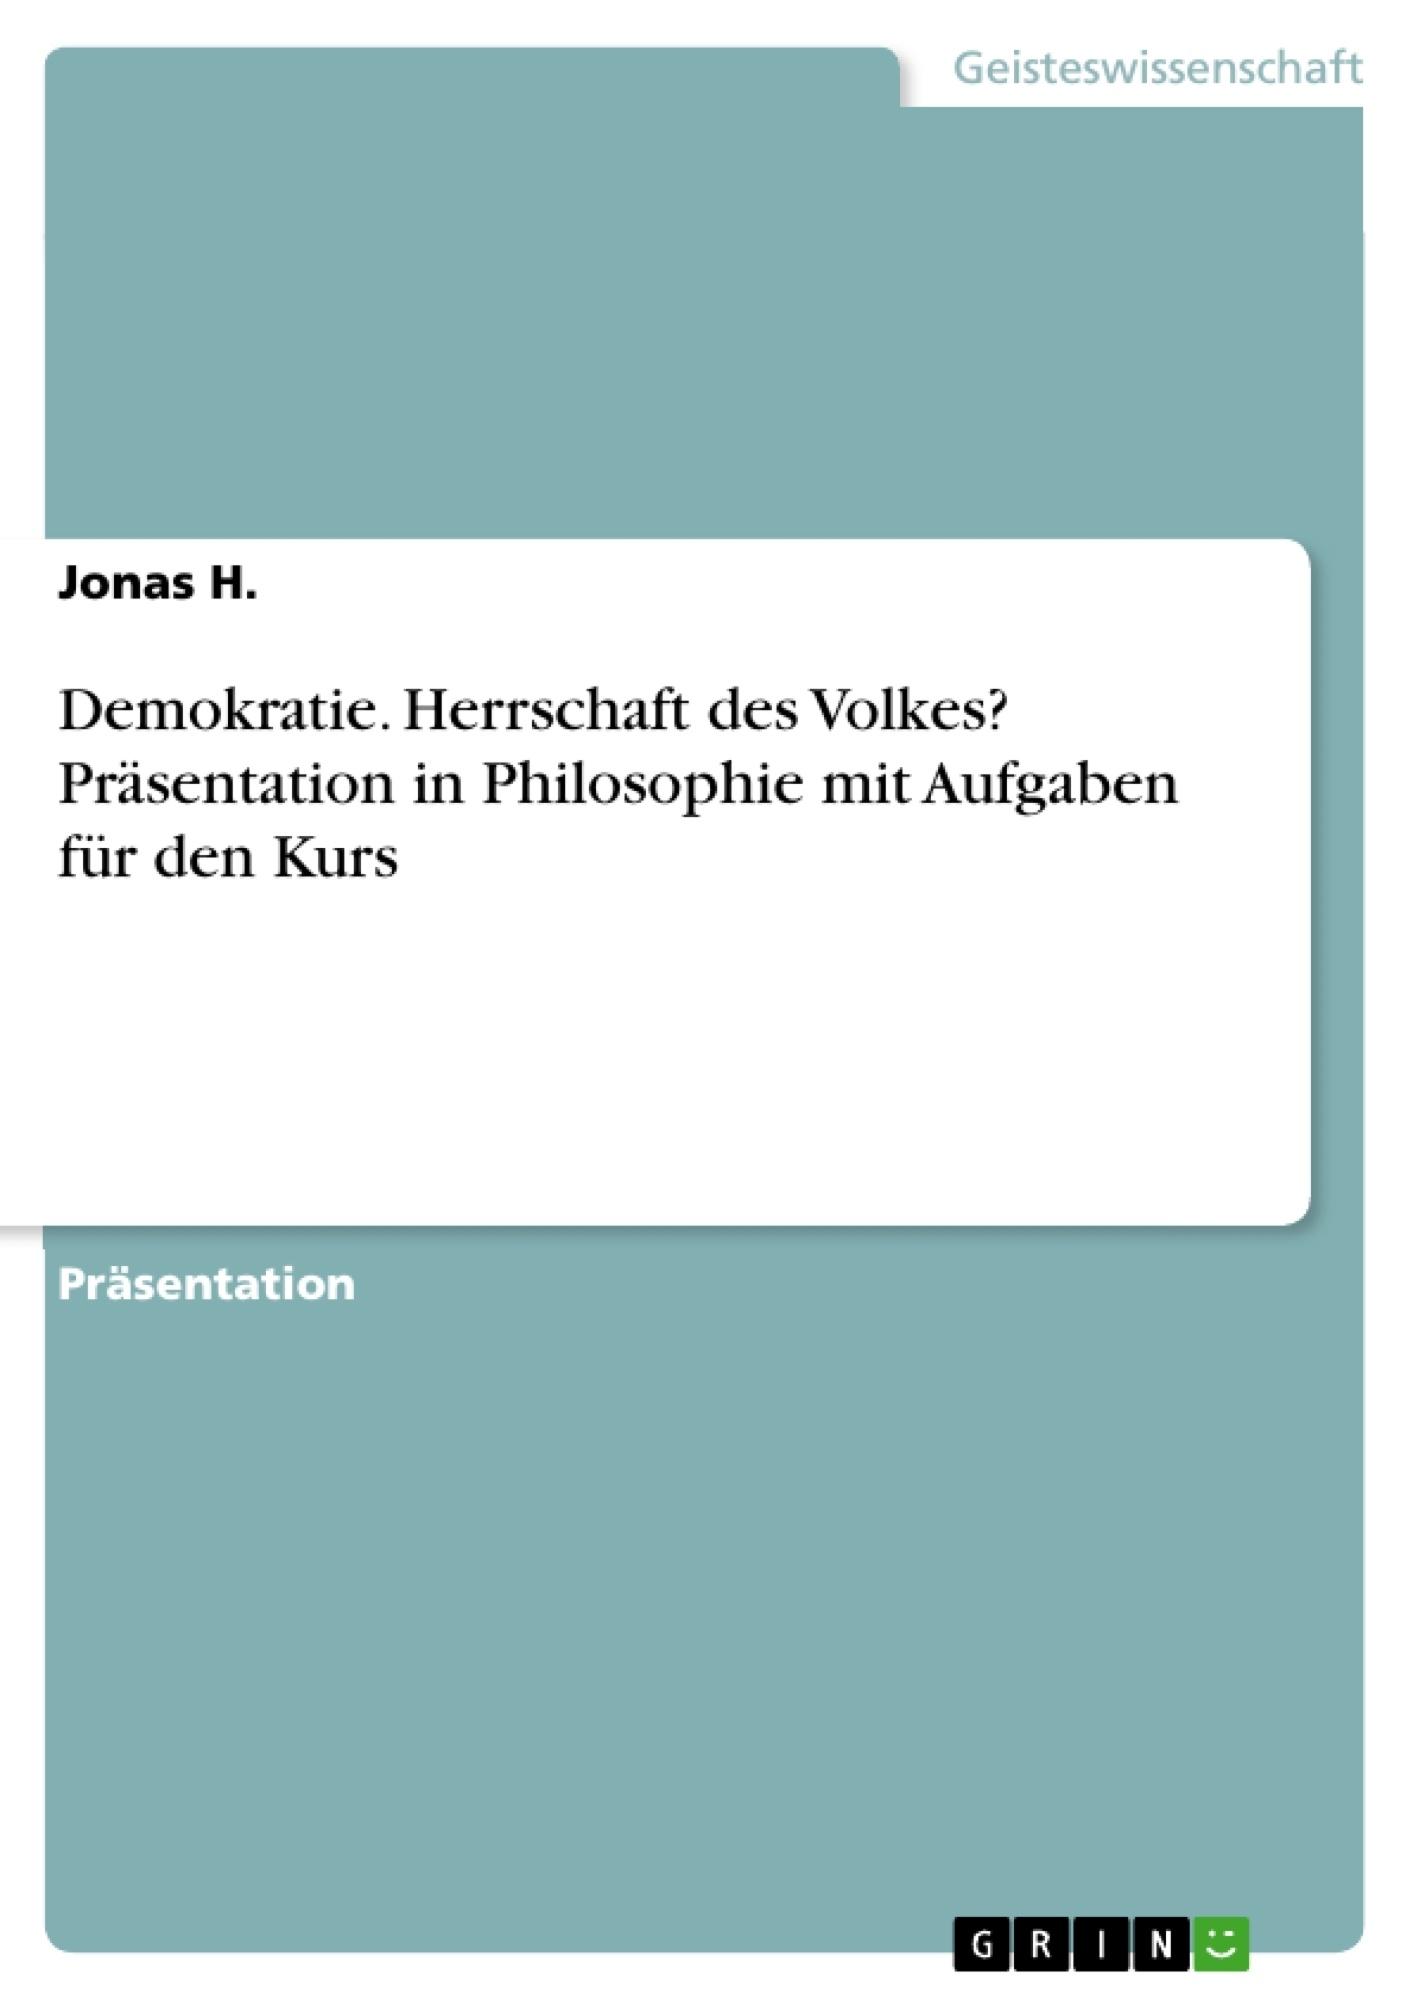 Titel: Demokratie. Herrschaft des Volkes? Präsentation in Philosophie mit Aufgaben für den Kurs